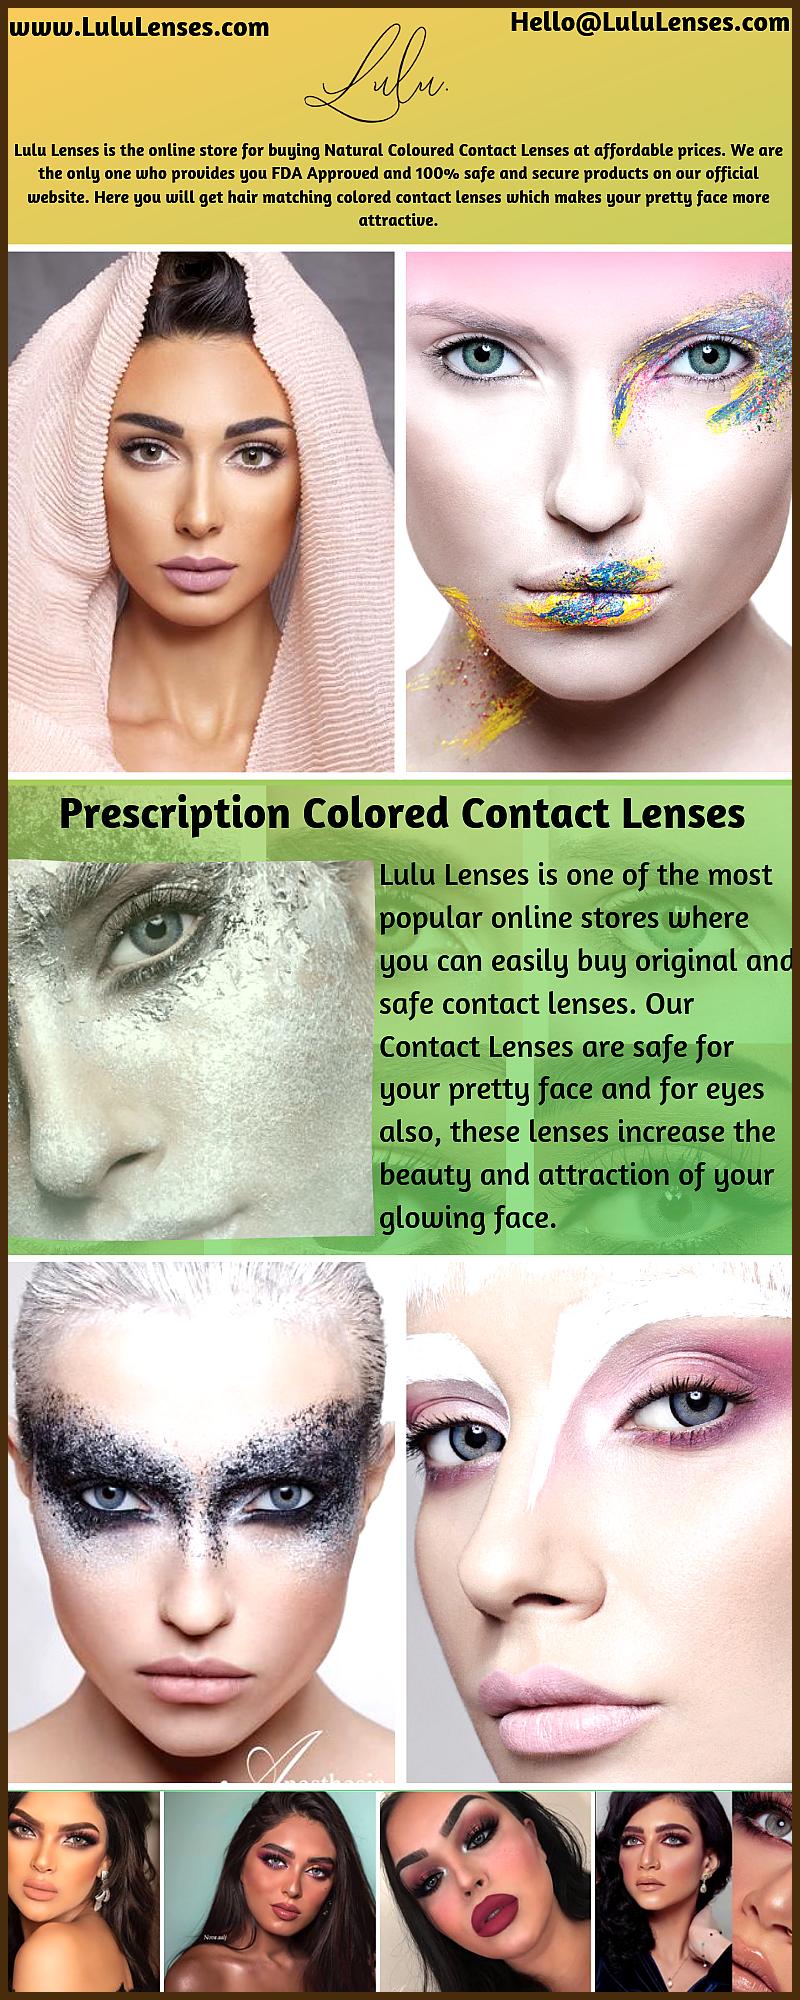 Buy Prescription Colored Contact Lenses Through Lulu Lenses Buy Prescription Colo In 2020 Prescription Colored Contacts Contact Lenses Colored Contact Lenses Online